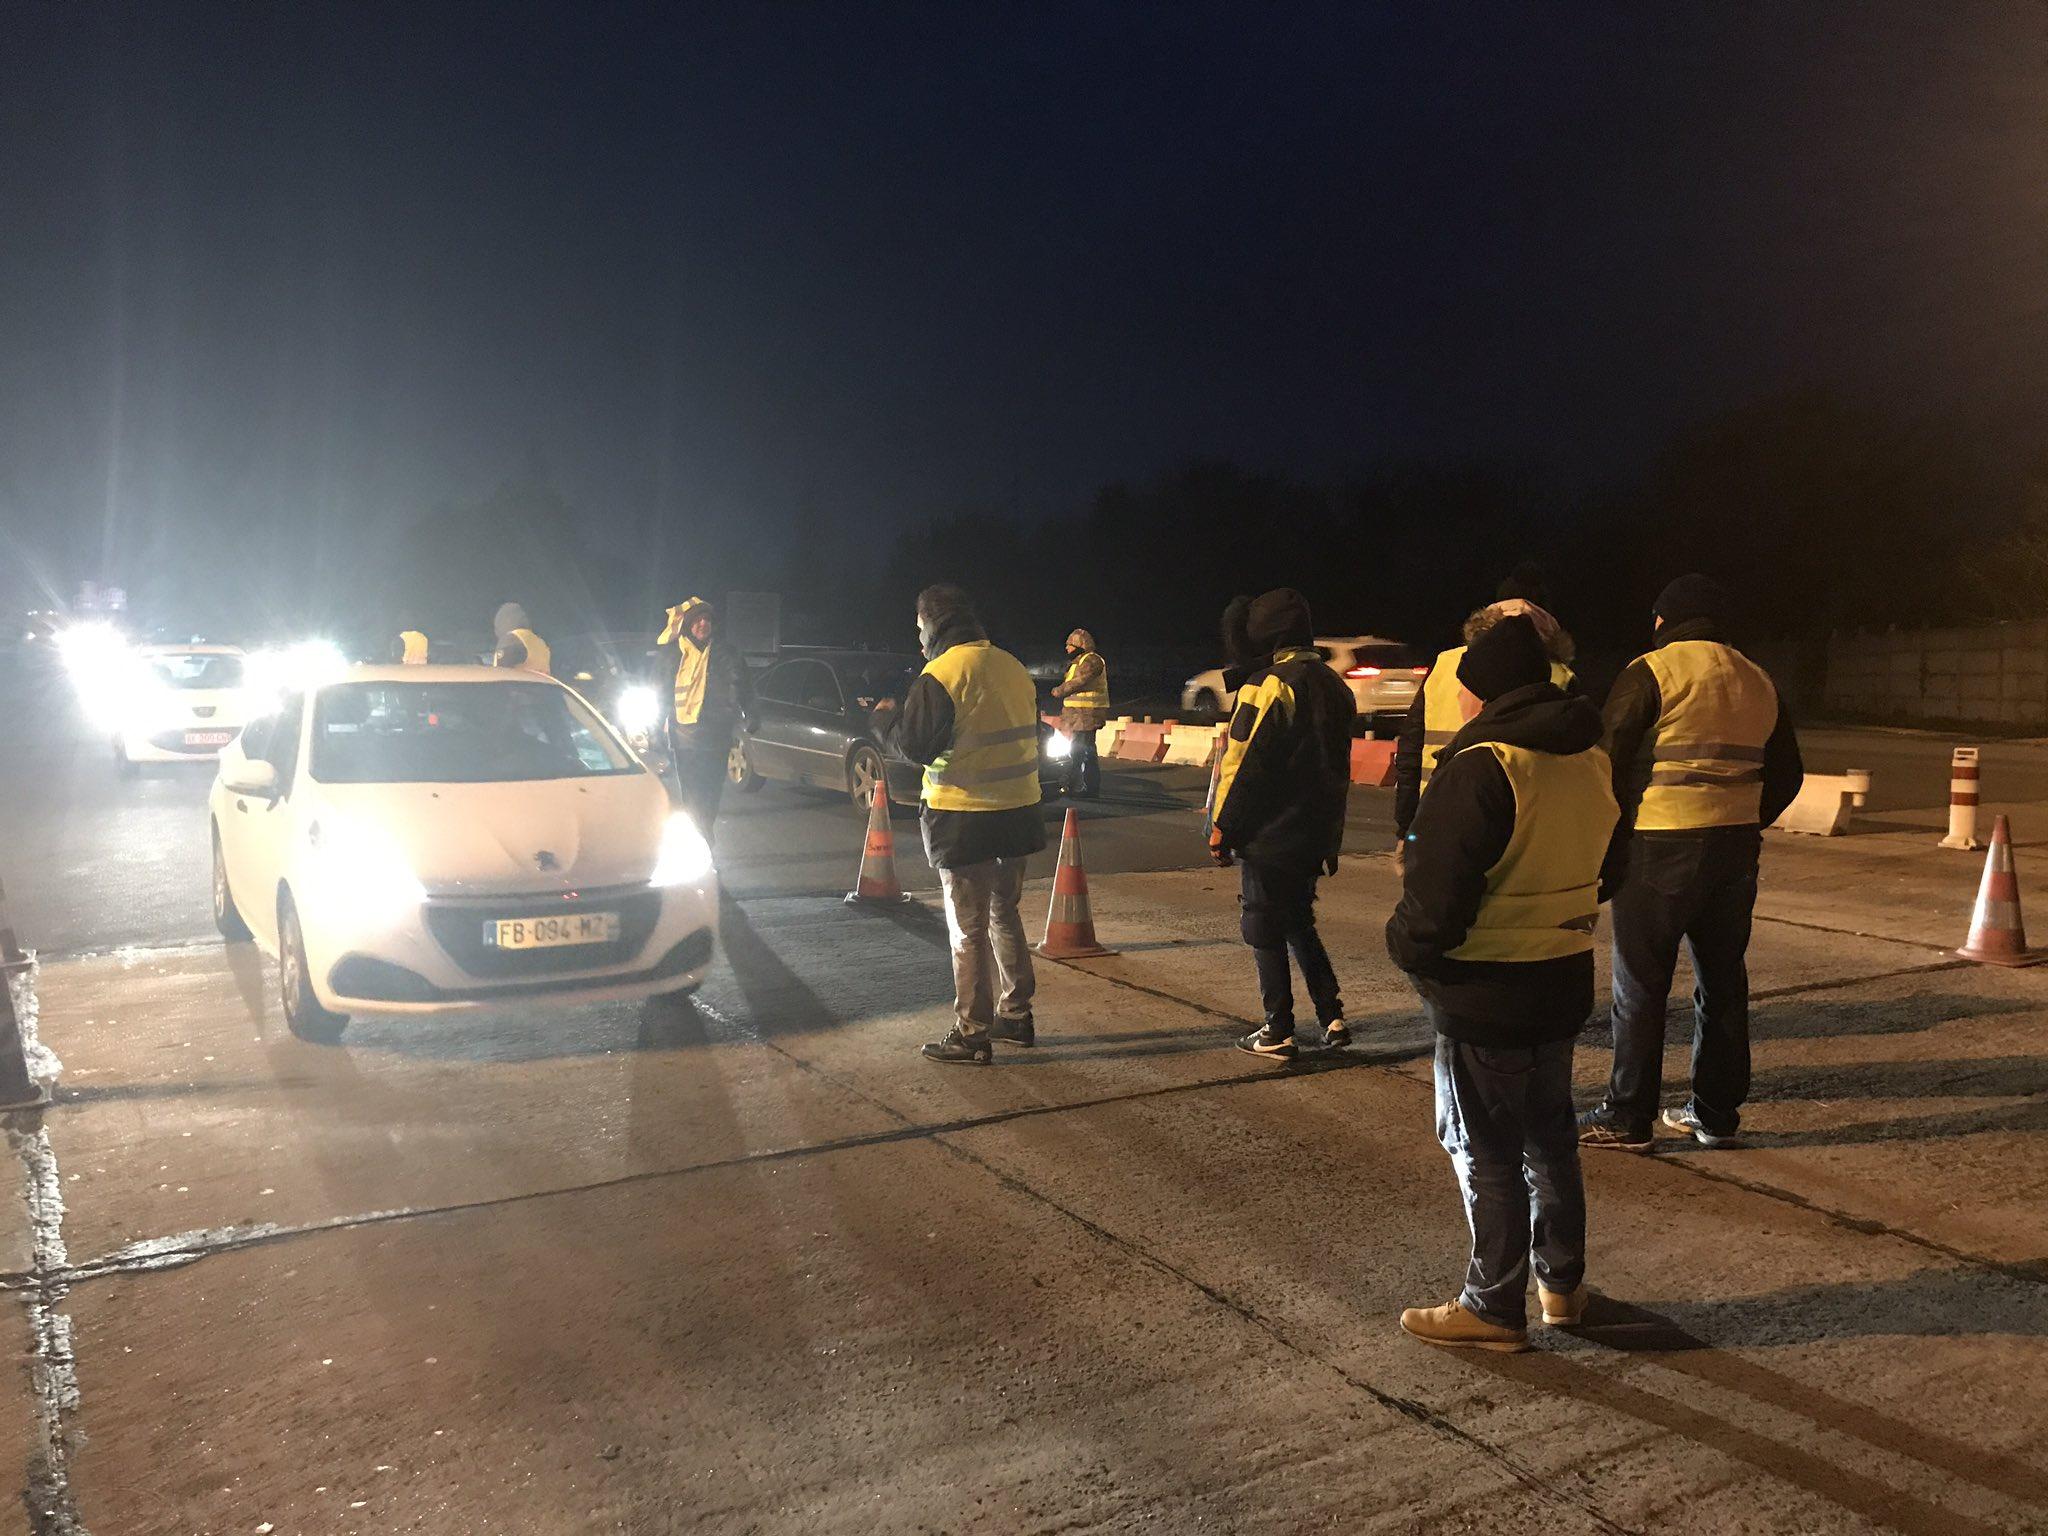 Les mouvement des gilets jaunes entre dans son cinquième jour de mobilisation à travers la France